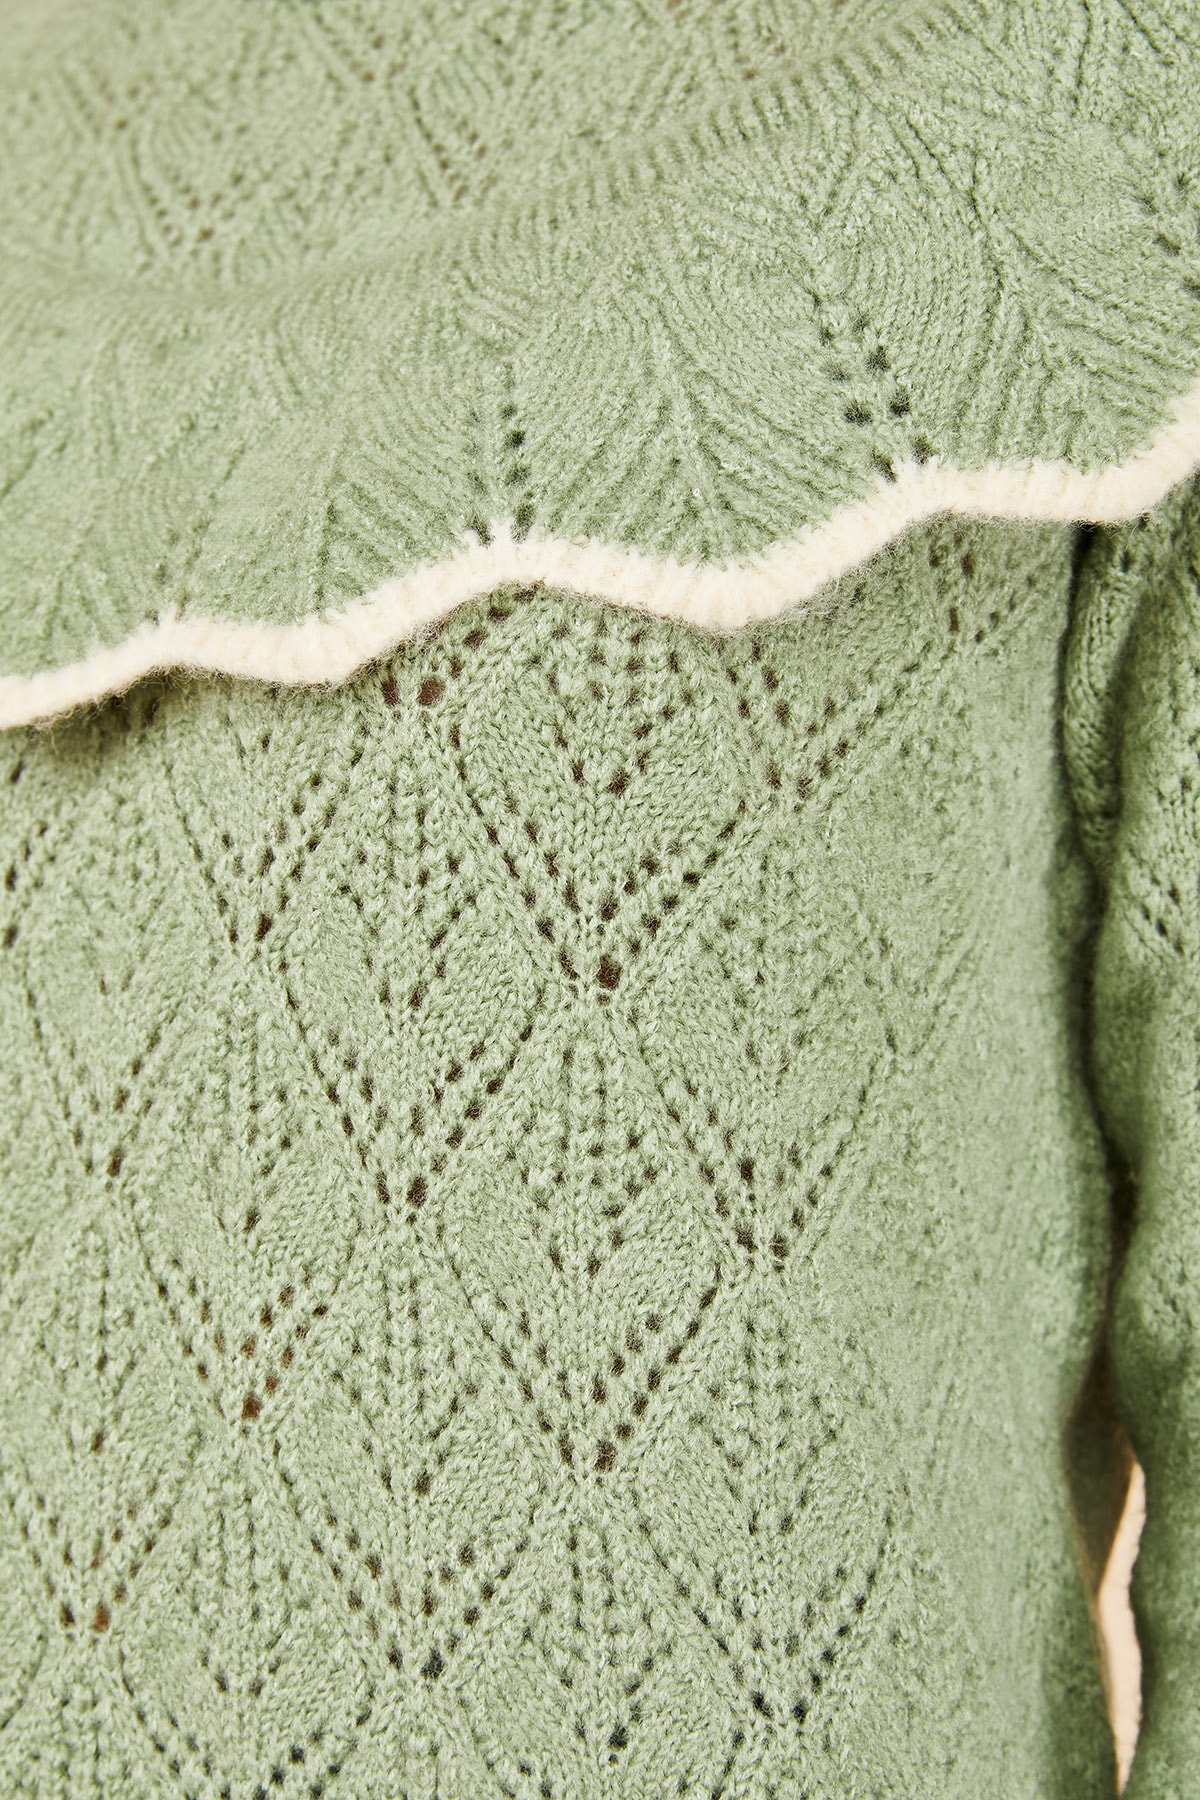 Bianco Lucci Kadın Mint Yeşili Ajurlu Fırfırlı Beyaz Şeritli Yarım Balıkçı Triko Kazak 20011034 4